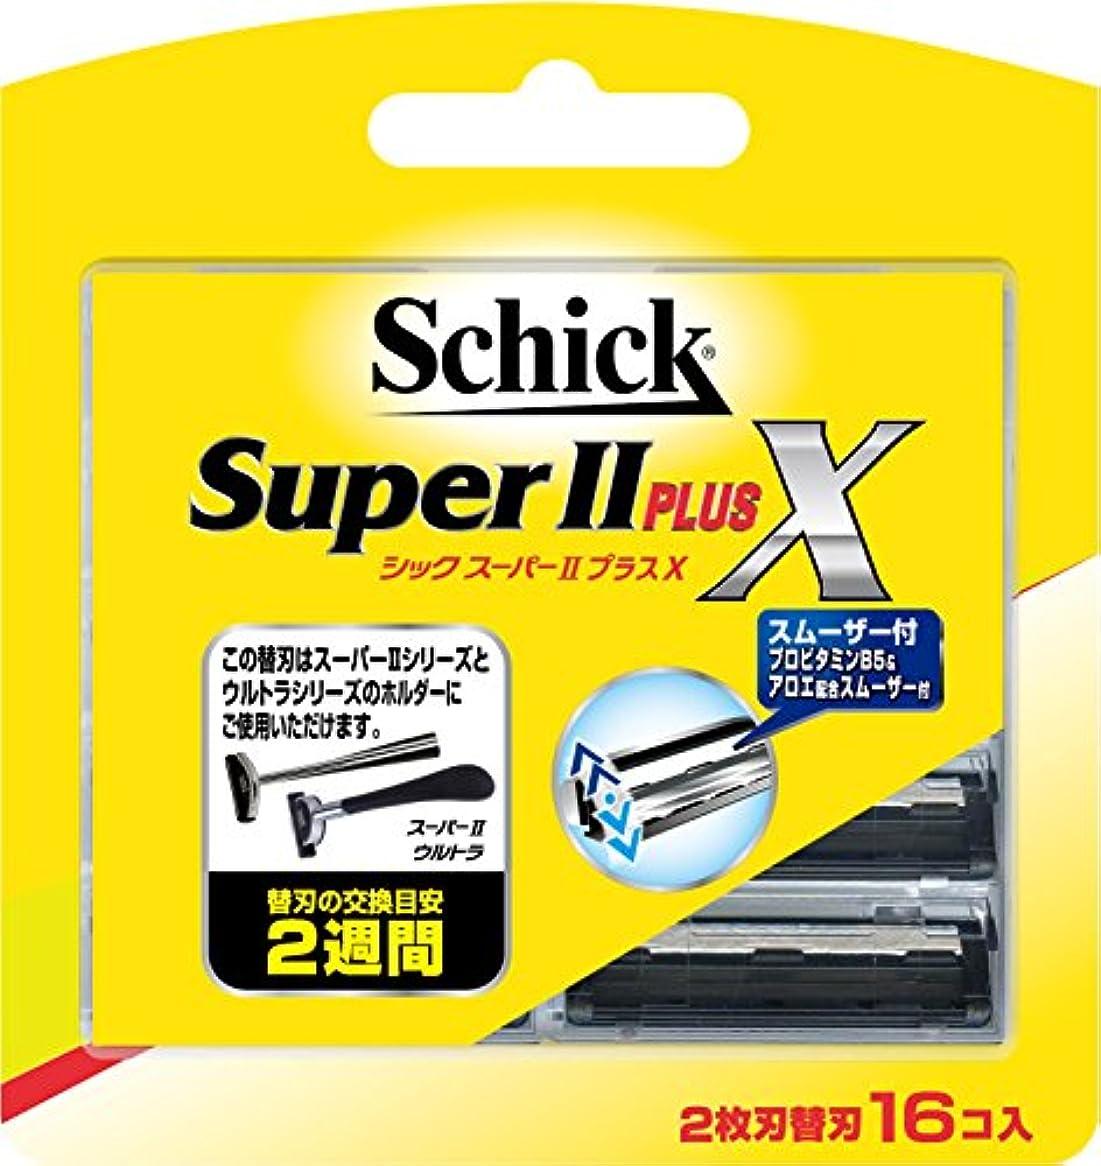 例示する指標原理シック Schick スーパーIIプラスX 2枚刃 替刃 (16コ入)